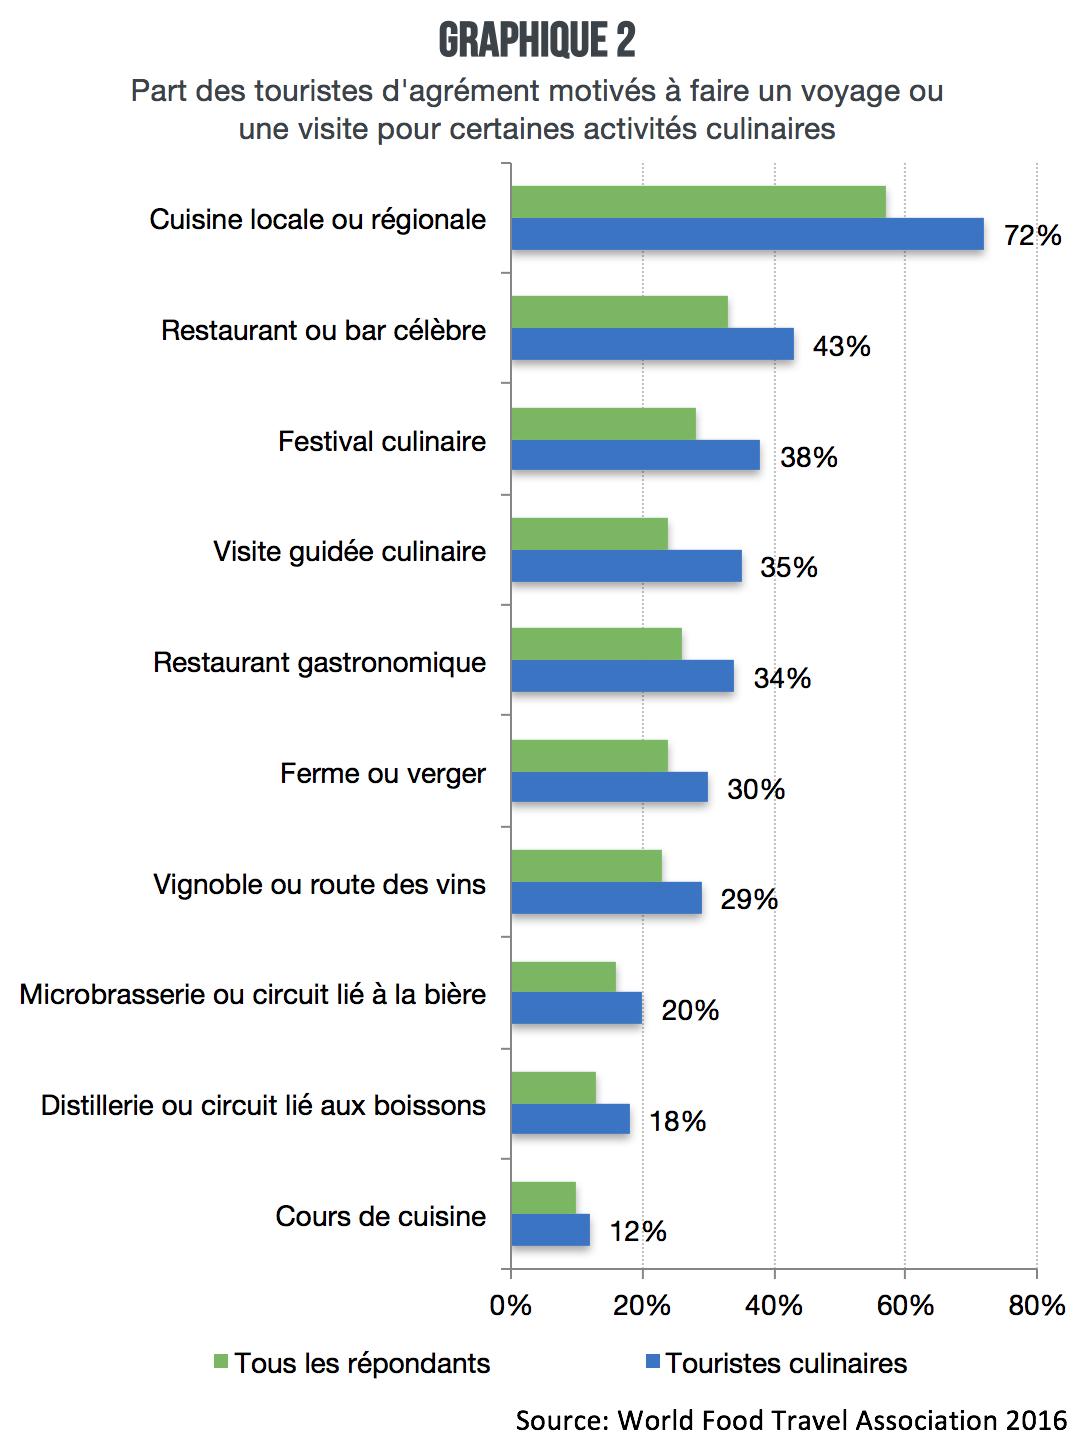 Touristes_culinaires_motivation_graphique2